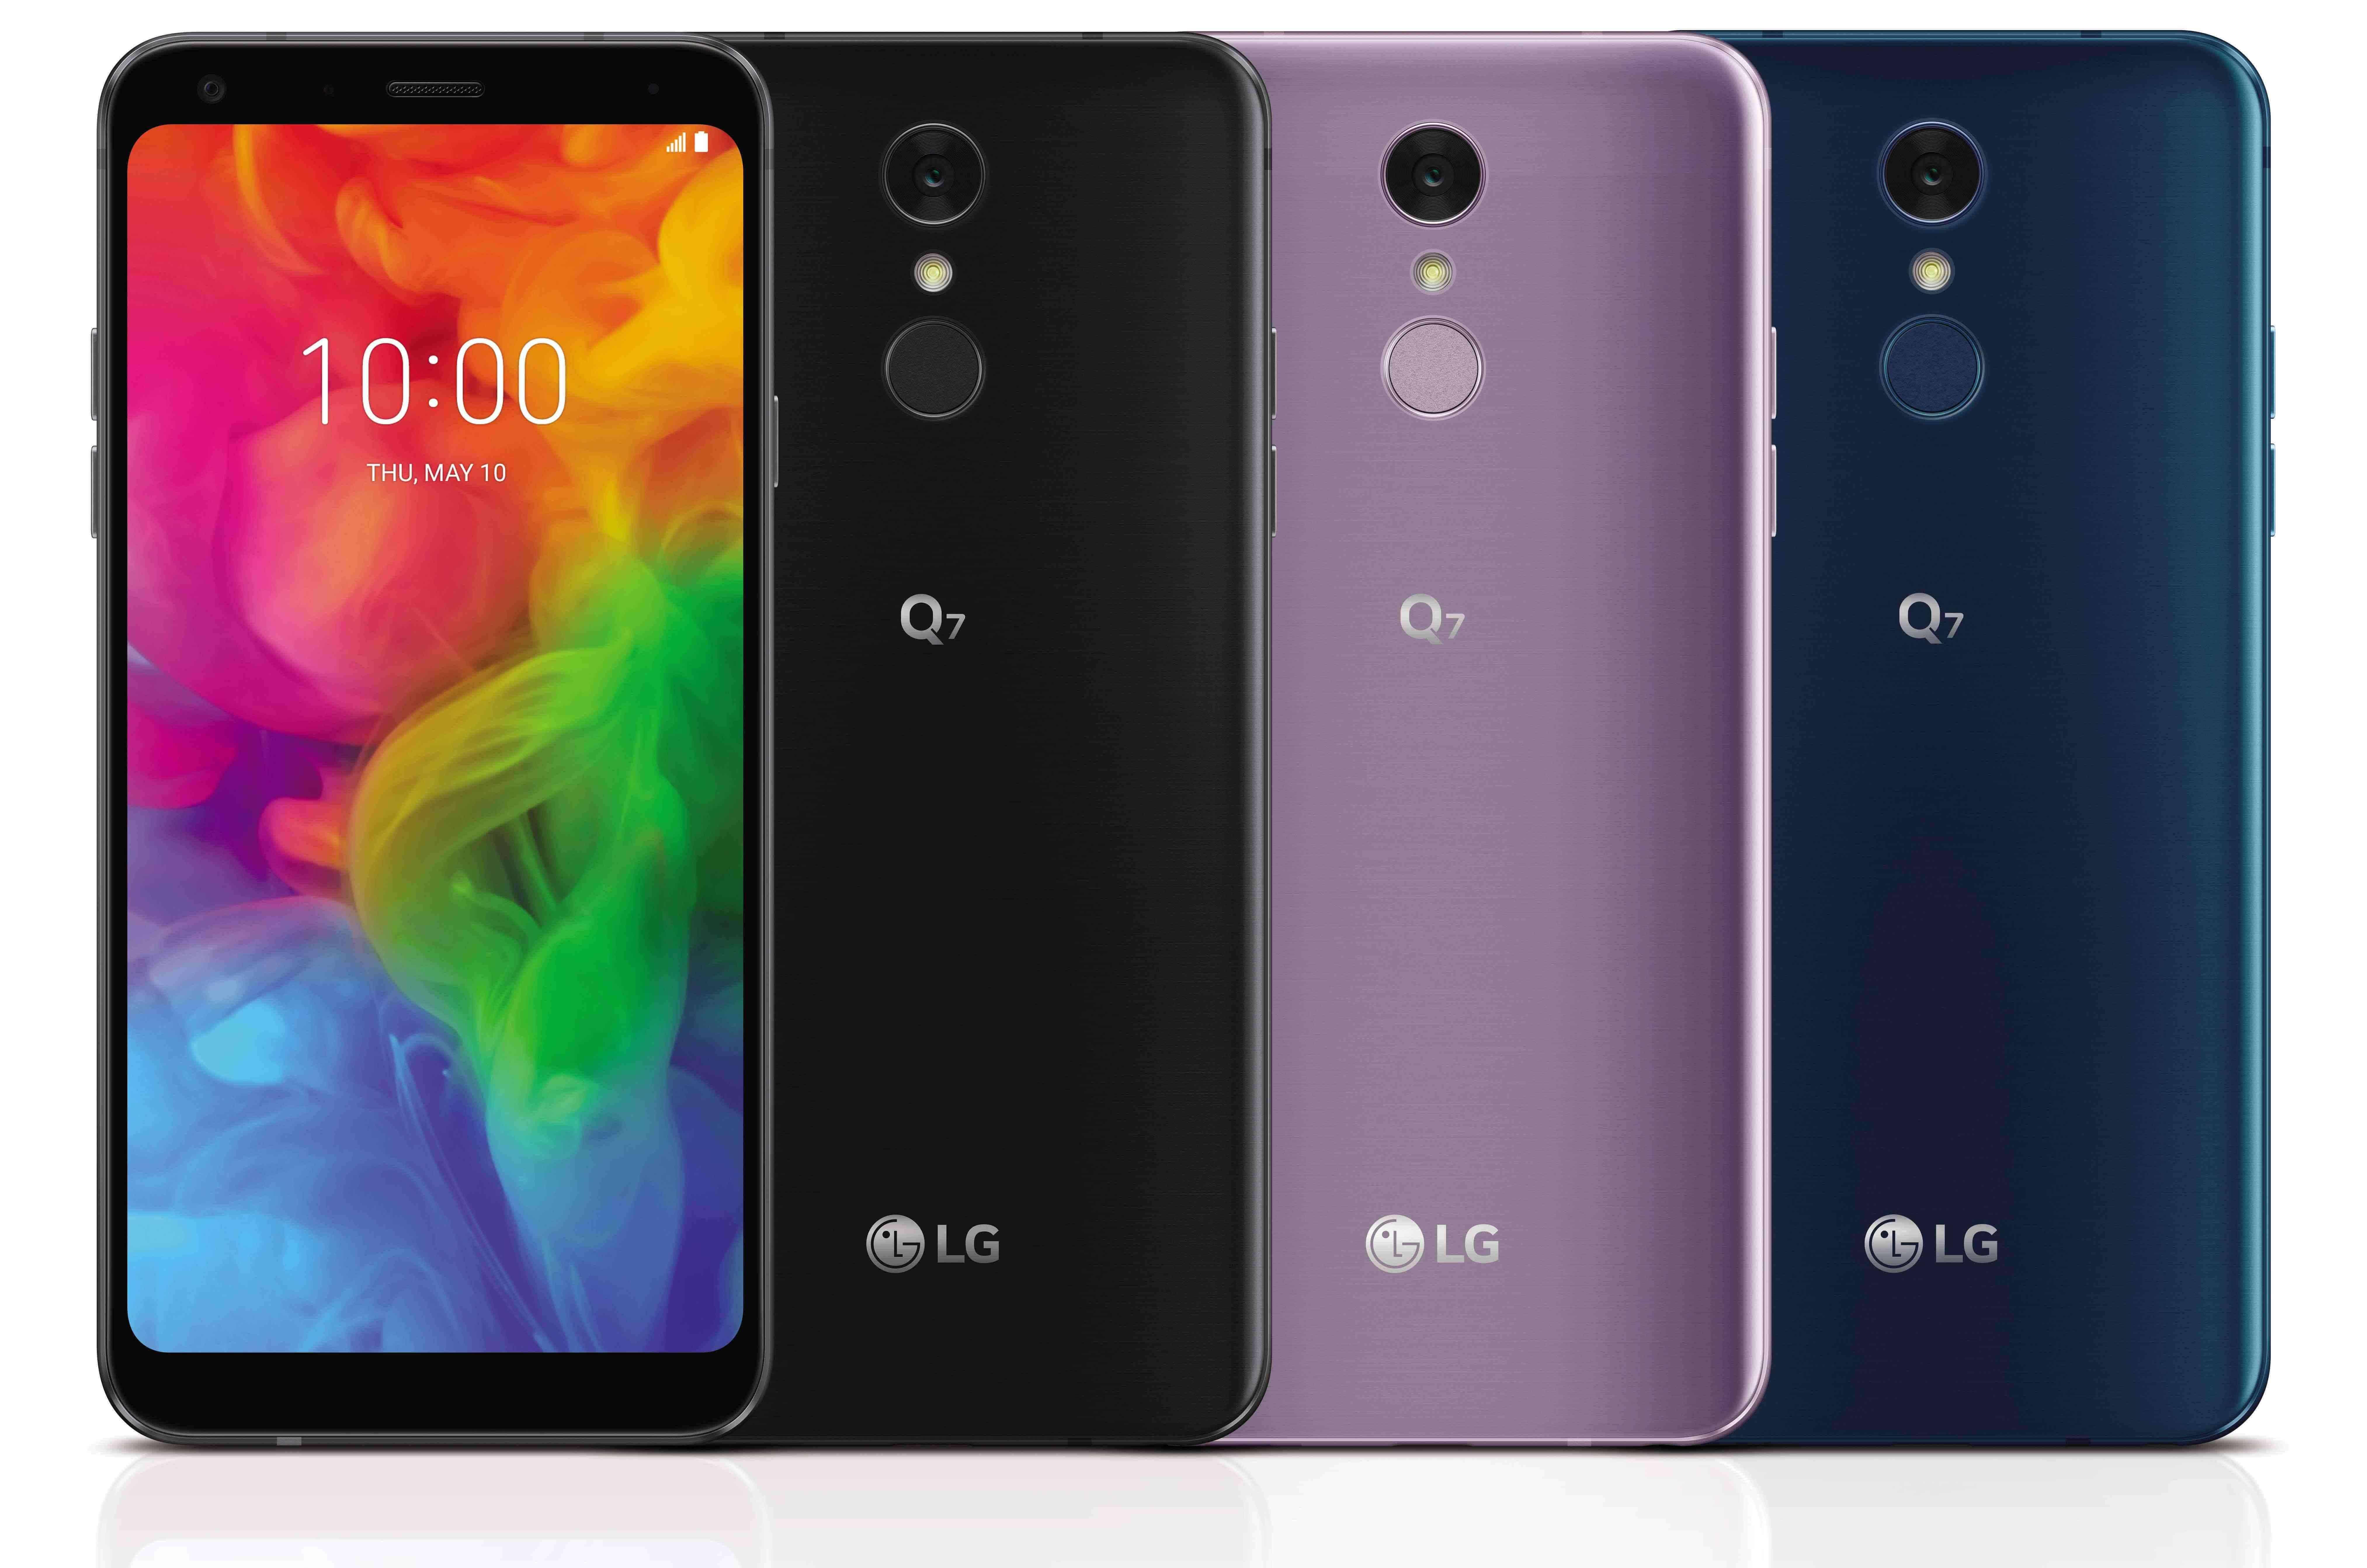 LG améliore la série Q